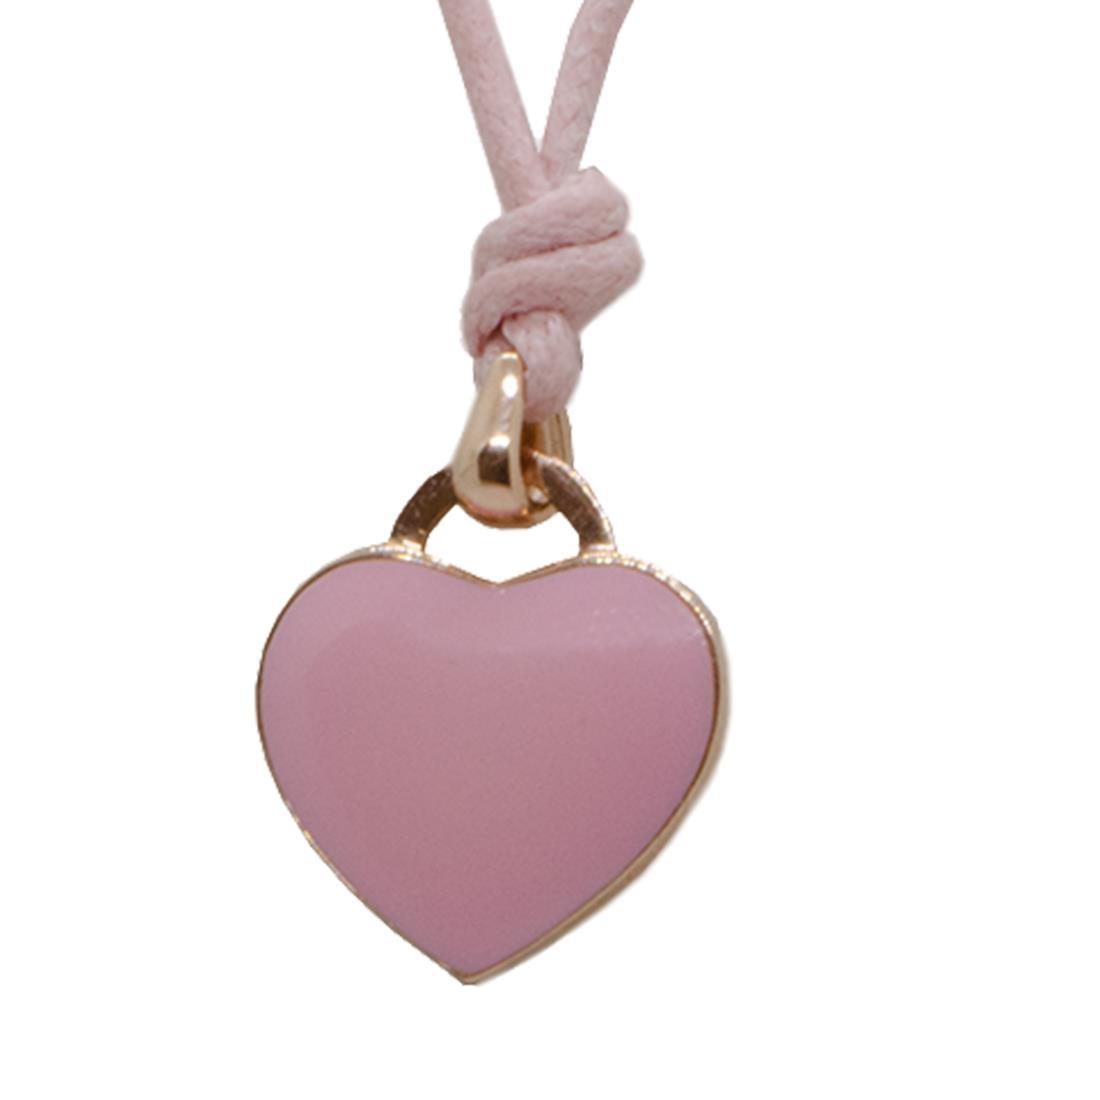 Collier cordino rosa con ciondolo cuore in oro rosa 9kt e smalto rosa - ALFIERI ST JOHN